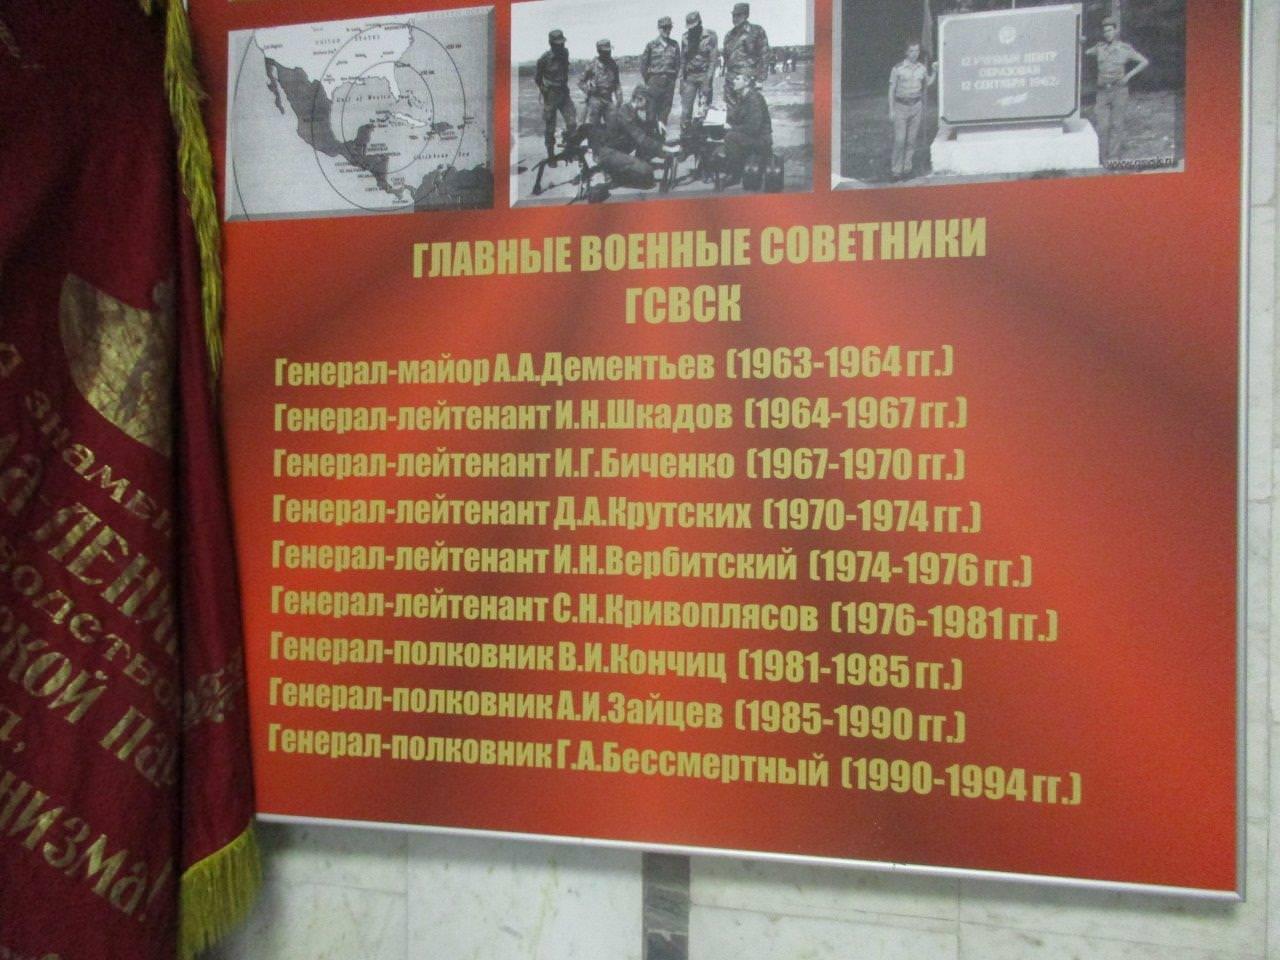 2020-02-23. Главные военные советники ГСВСК